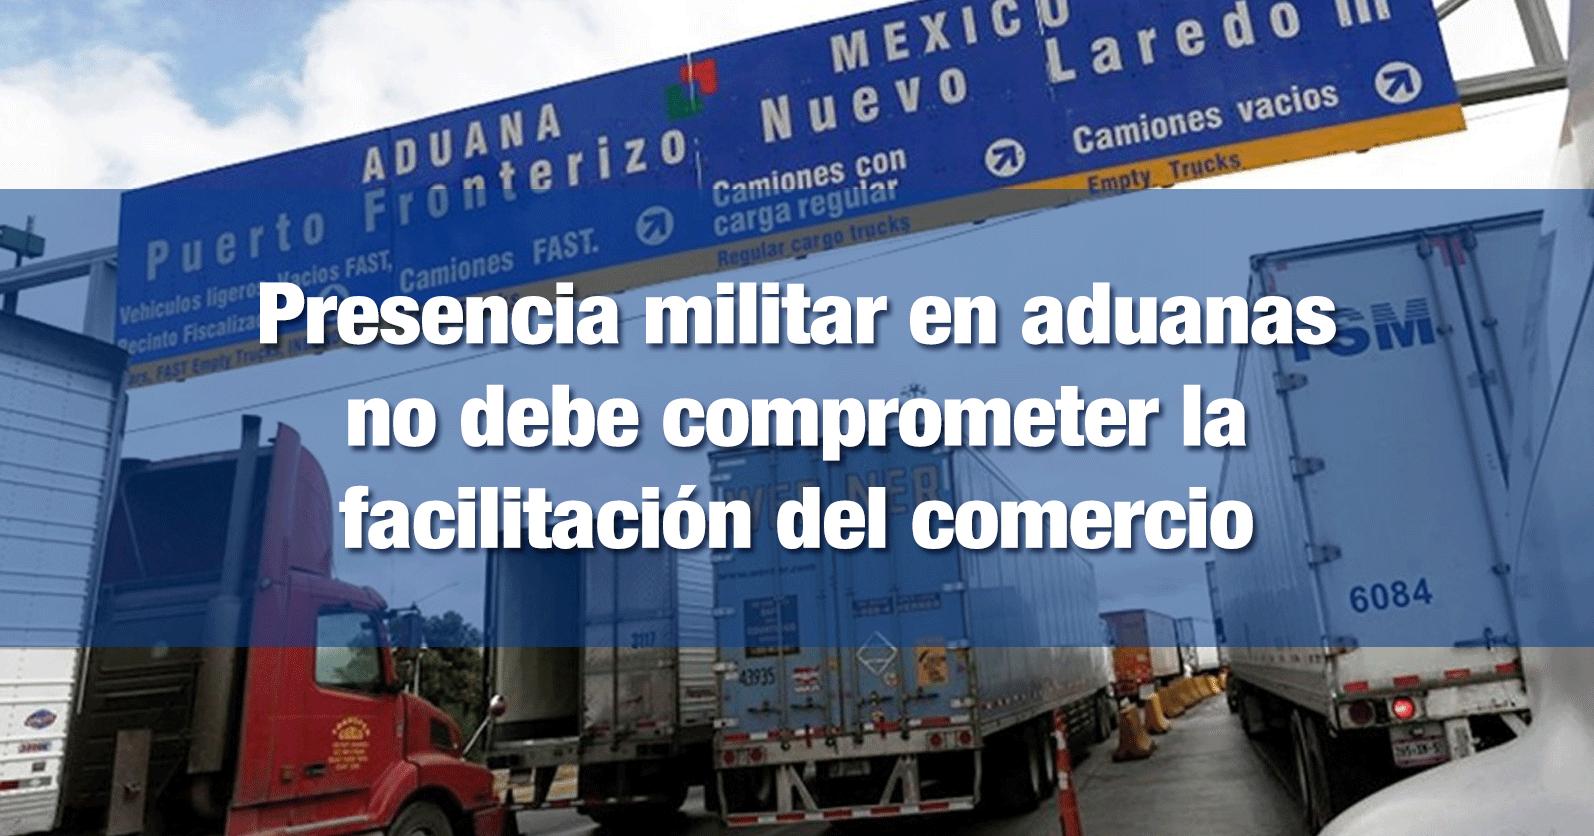 Presencia militar en aduanas no debe comprometer la facilitación del comercio